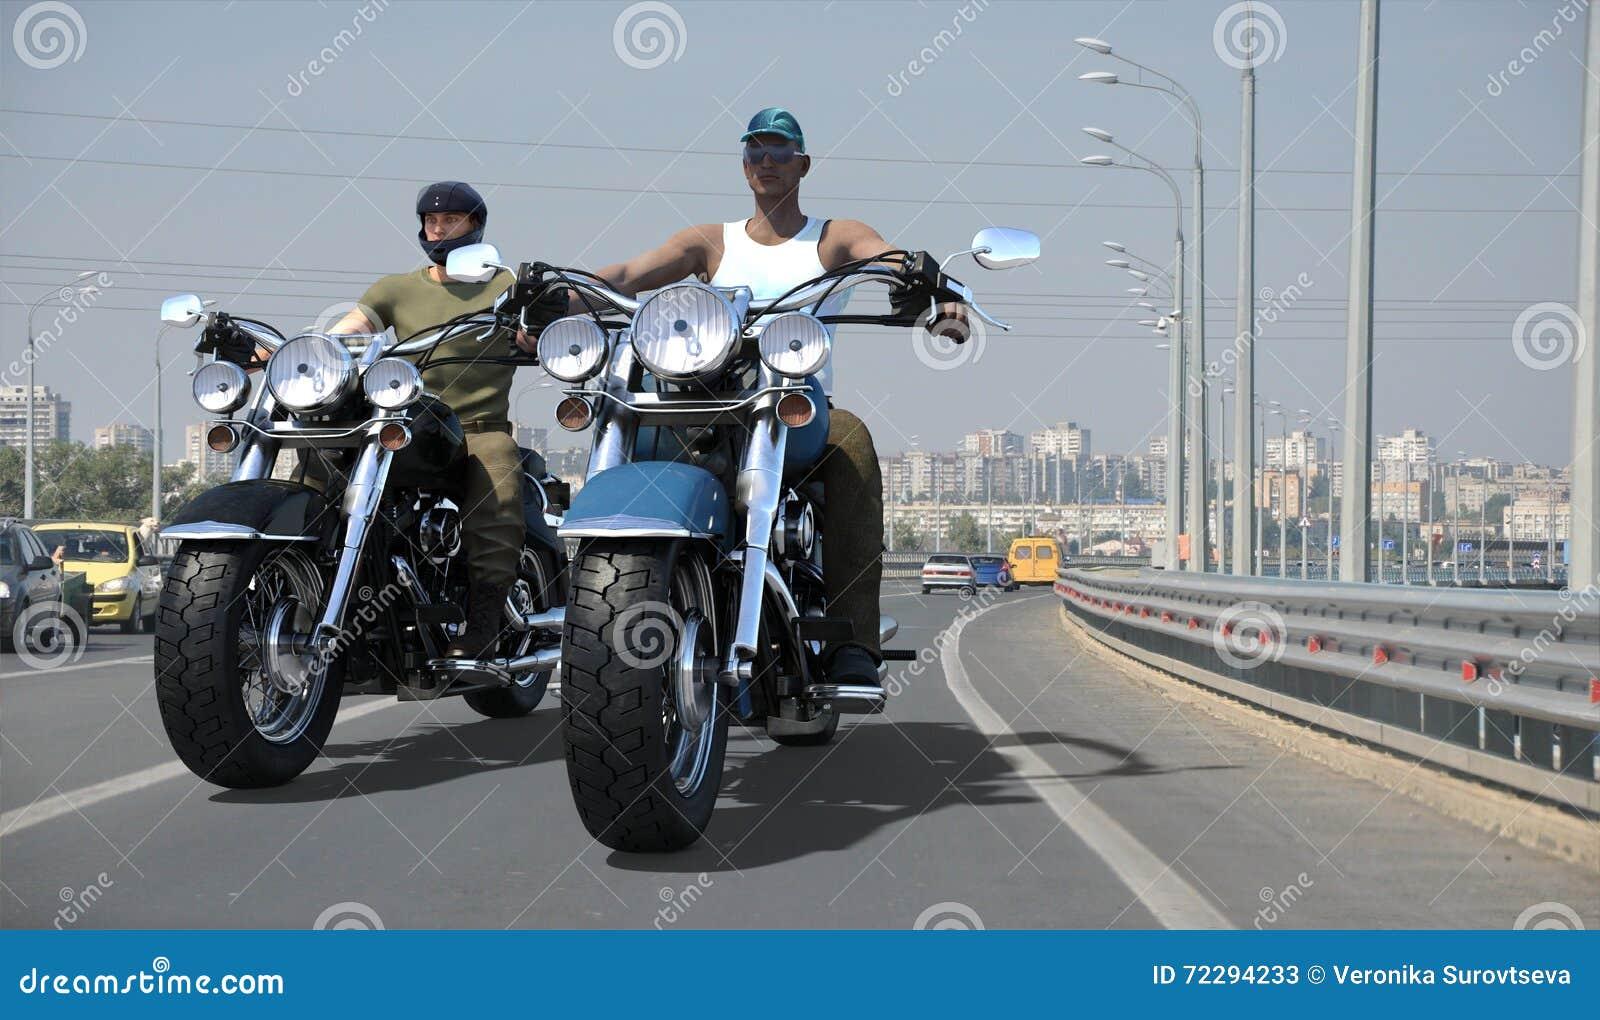 Download Велосипедисты ехать на дороге города Иллюстрация штока - иллюстрации насчитывающей всадник, ванта: 72294233